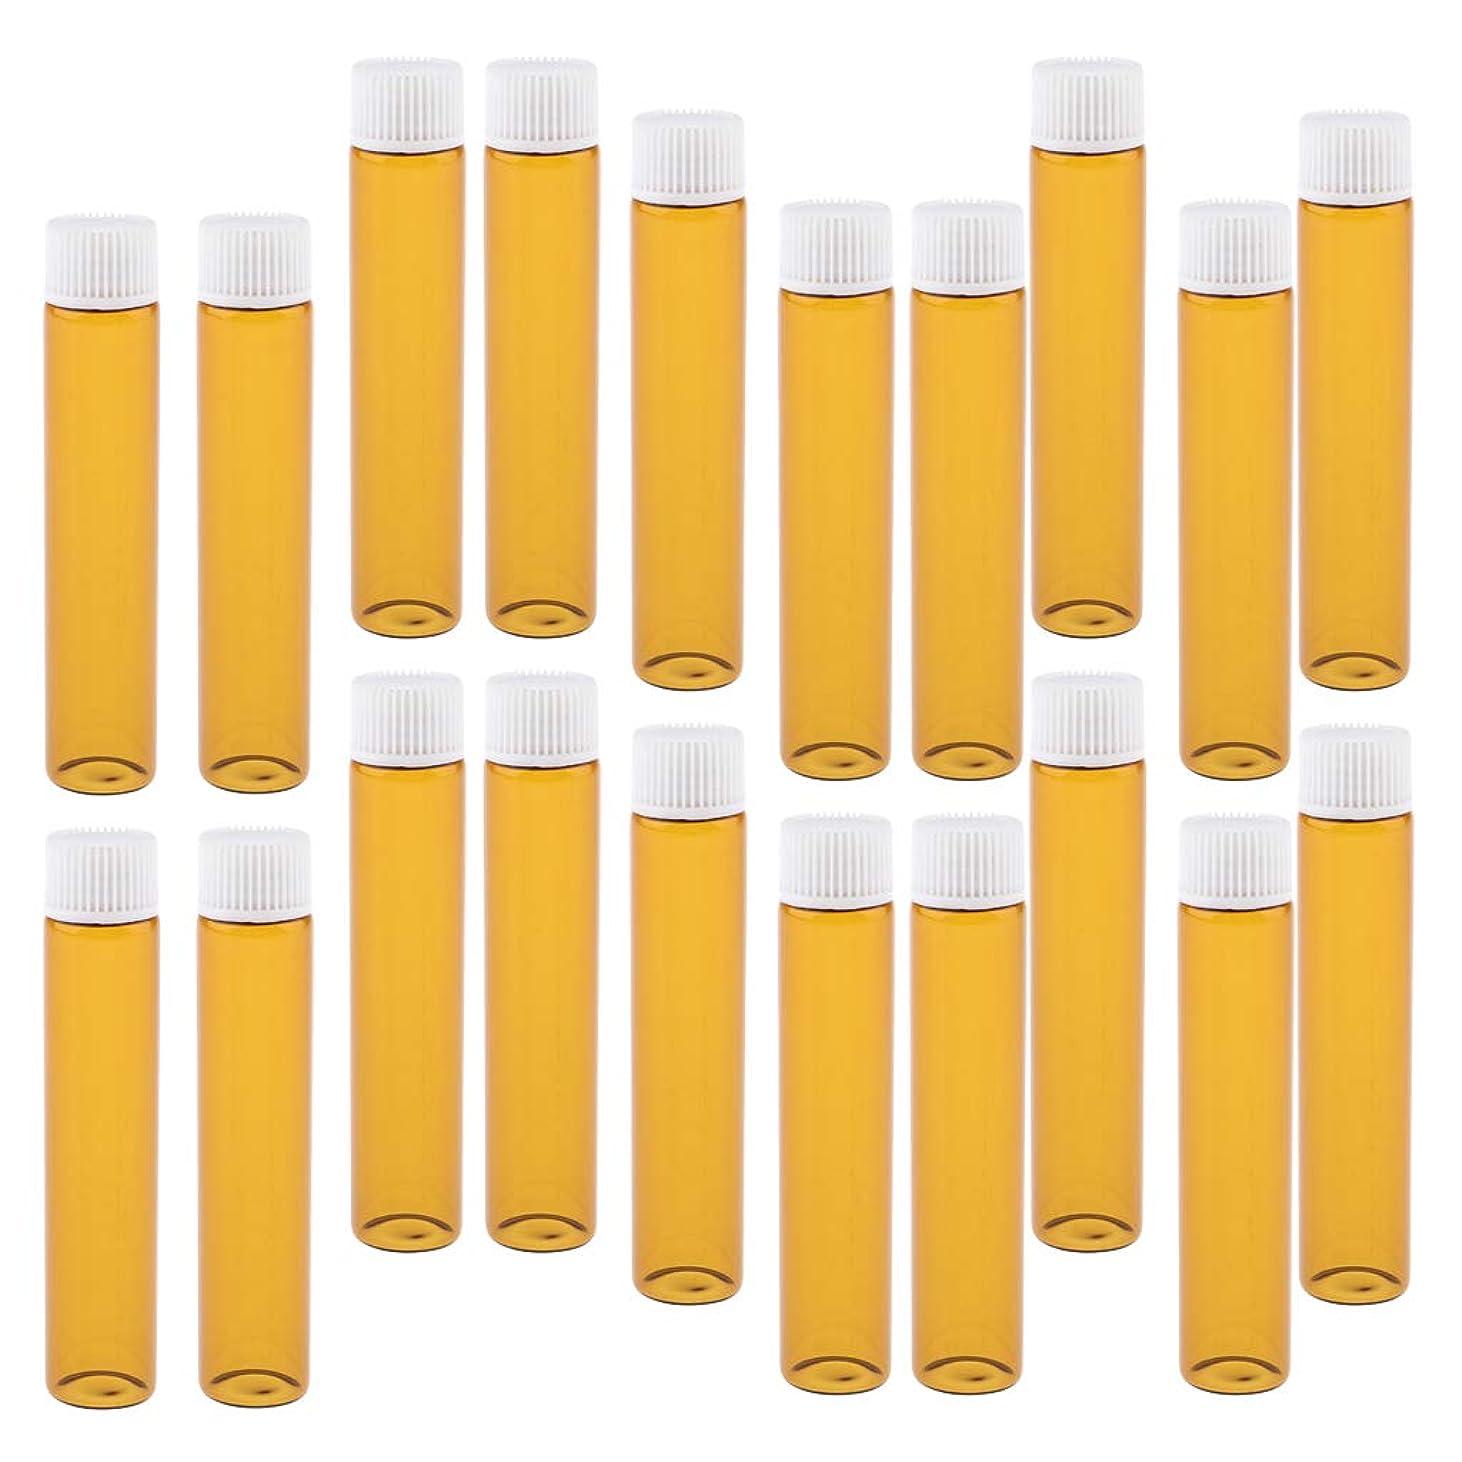 タイムリーなに対応する仕出しますT TOOYFUL 20個 ガラスボトル 香水ボトル 詰替え容器 小分け容器 小分けボトル ポータブル 再利用可能全4色 - ホワイト